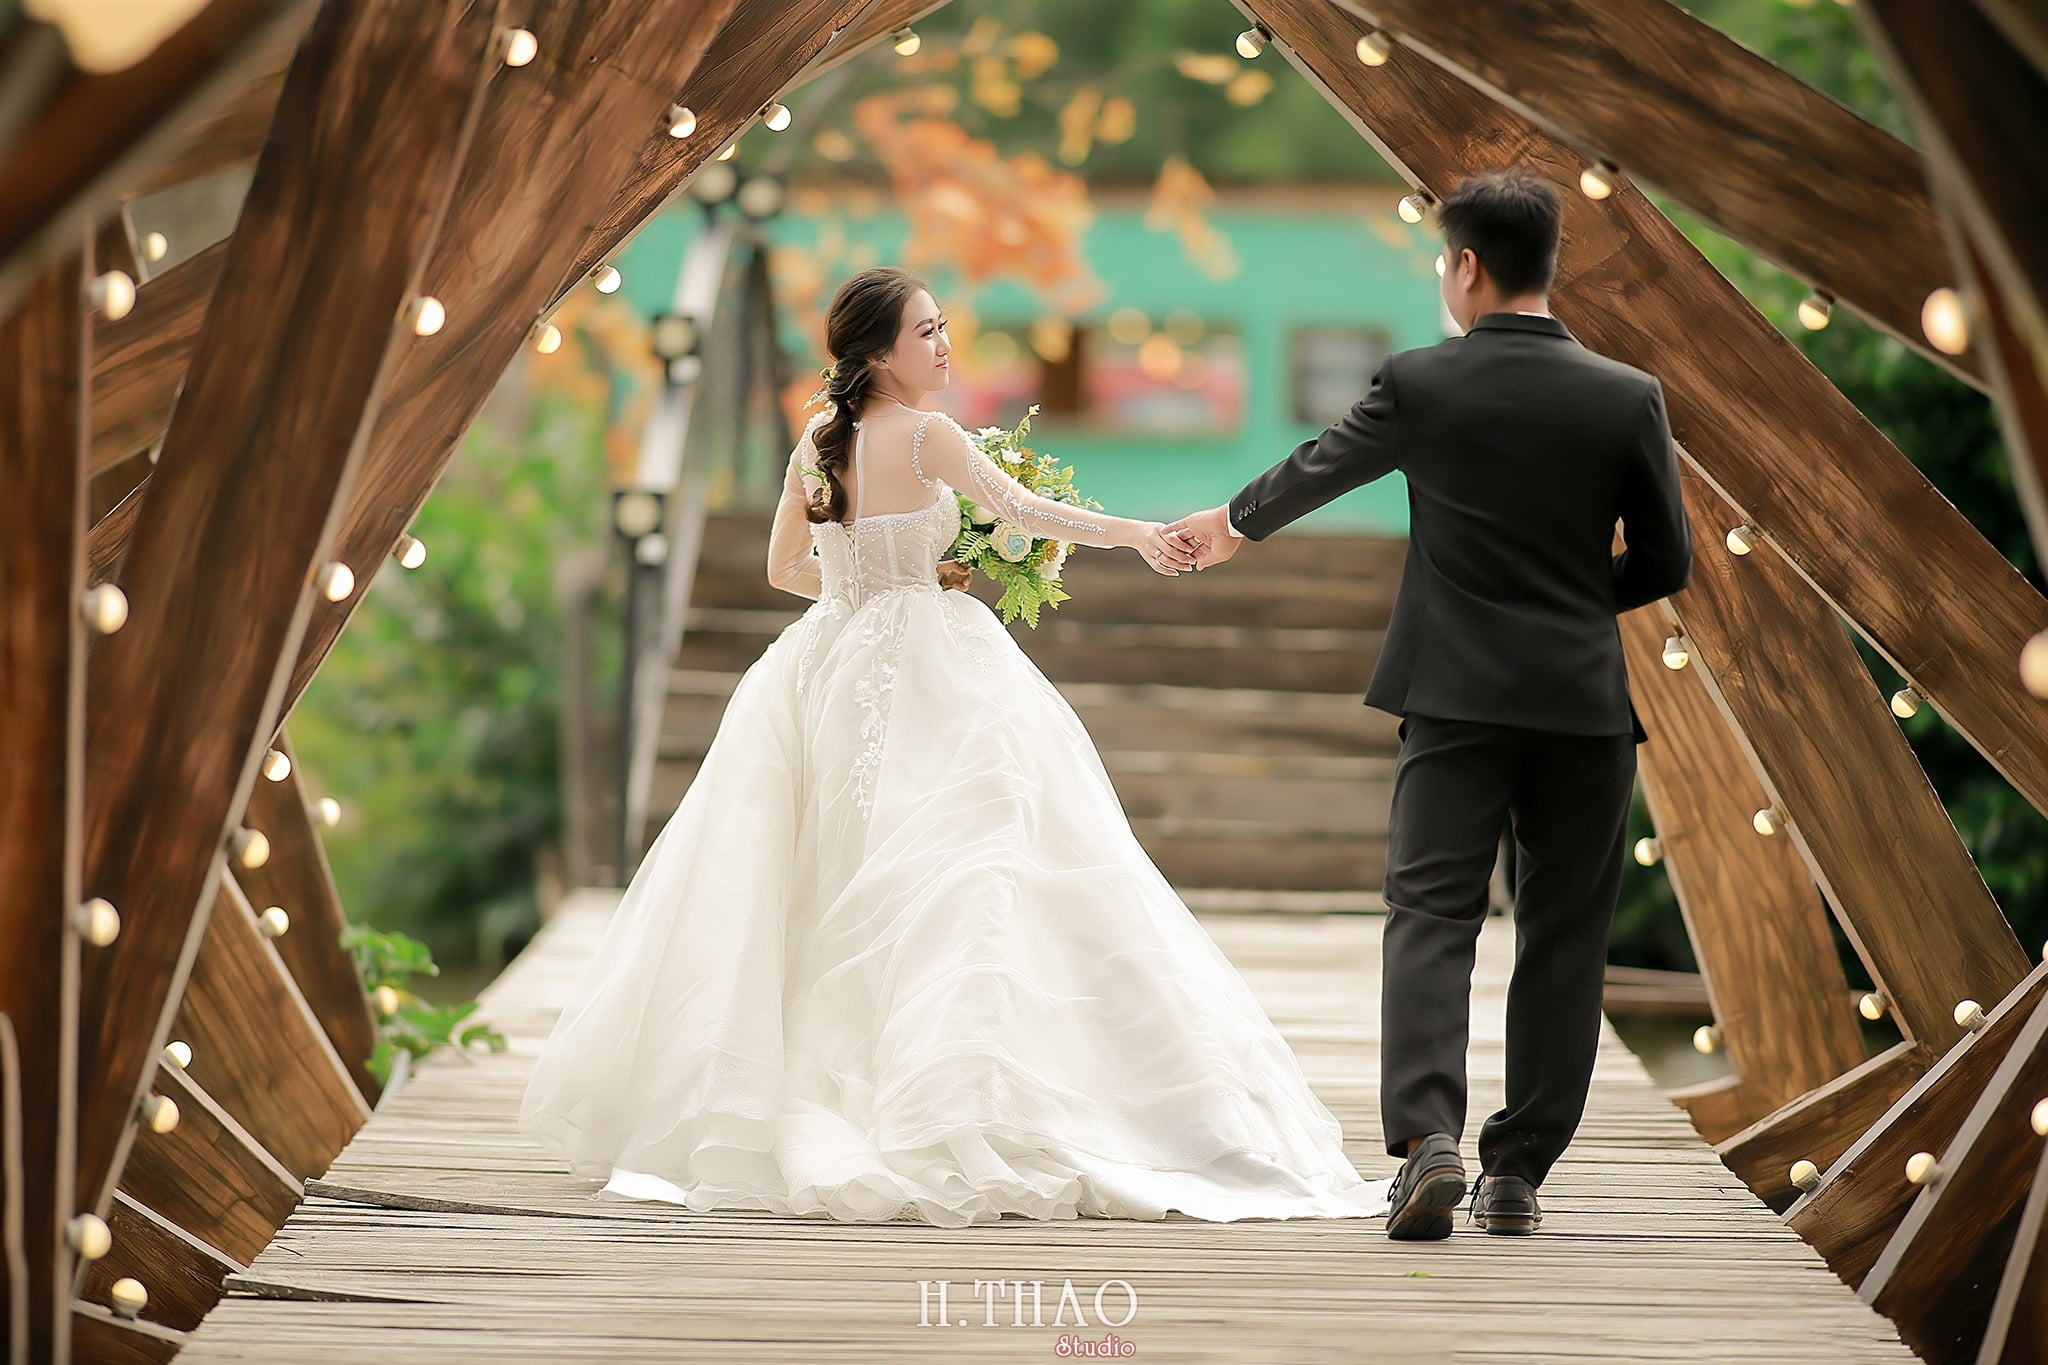 Anh cuoi 33 - Địa điểm chụp ảnh cưới đẹp ở Tp. HCM - HThao Studio